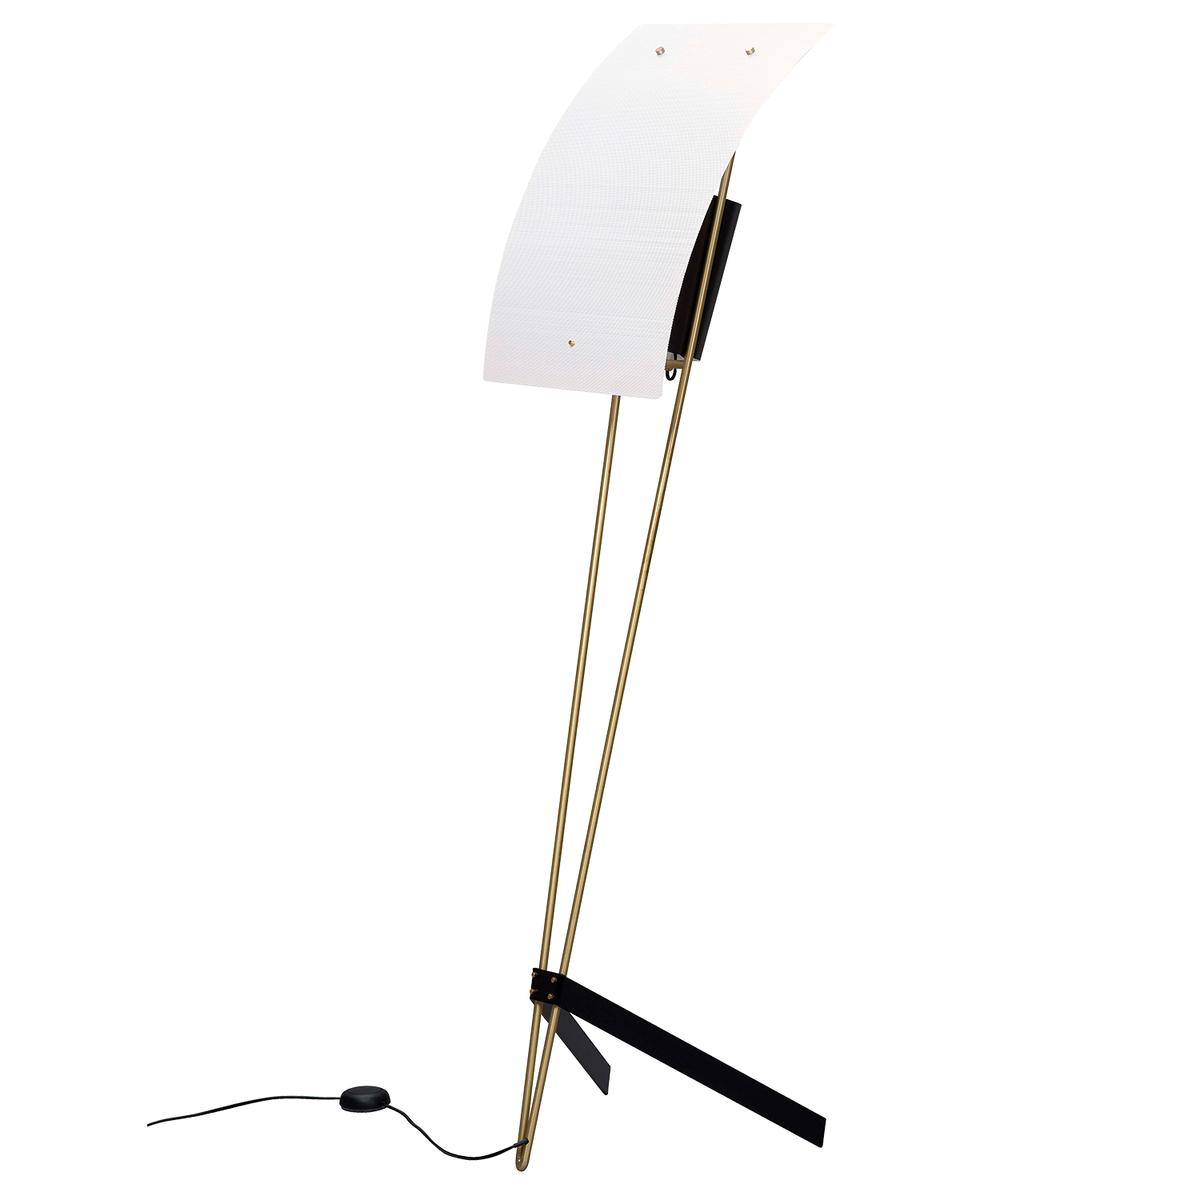 Sammode G30 Floor Lamp, Black - White